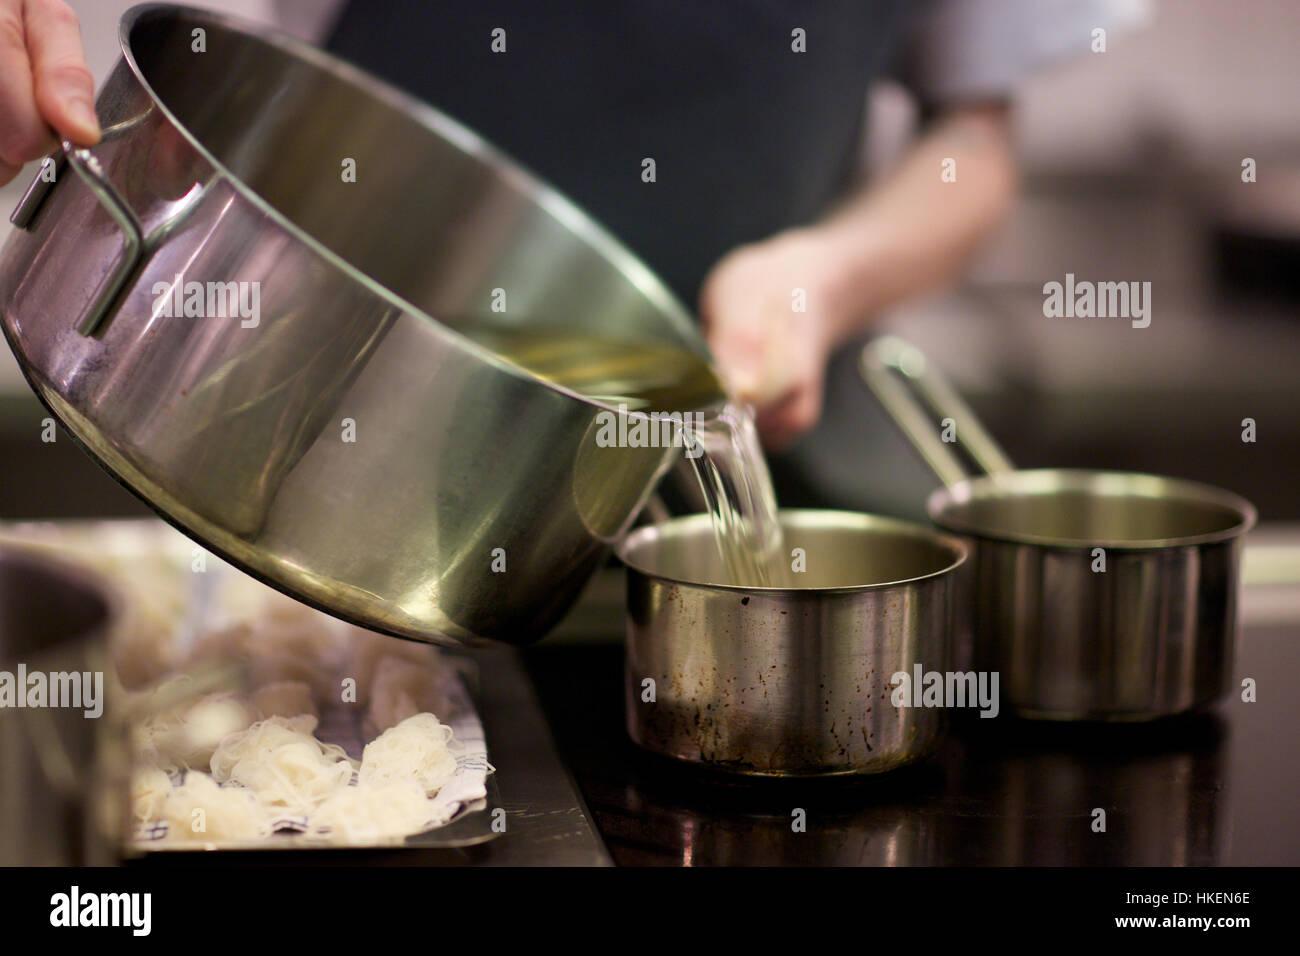 Hände gießen Öl in Küchengerät. Töpfe und Pfannen, Container, gießen, Essen trinken. Stockbild